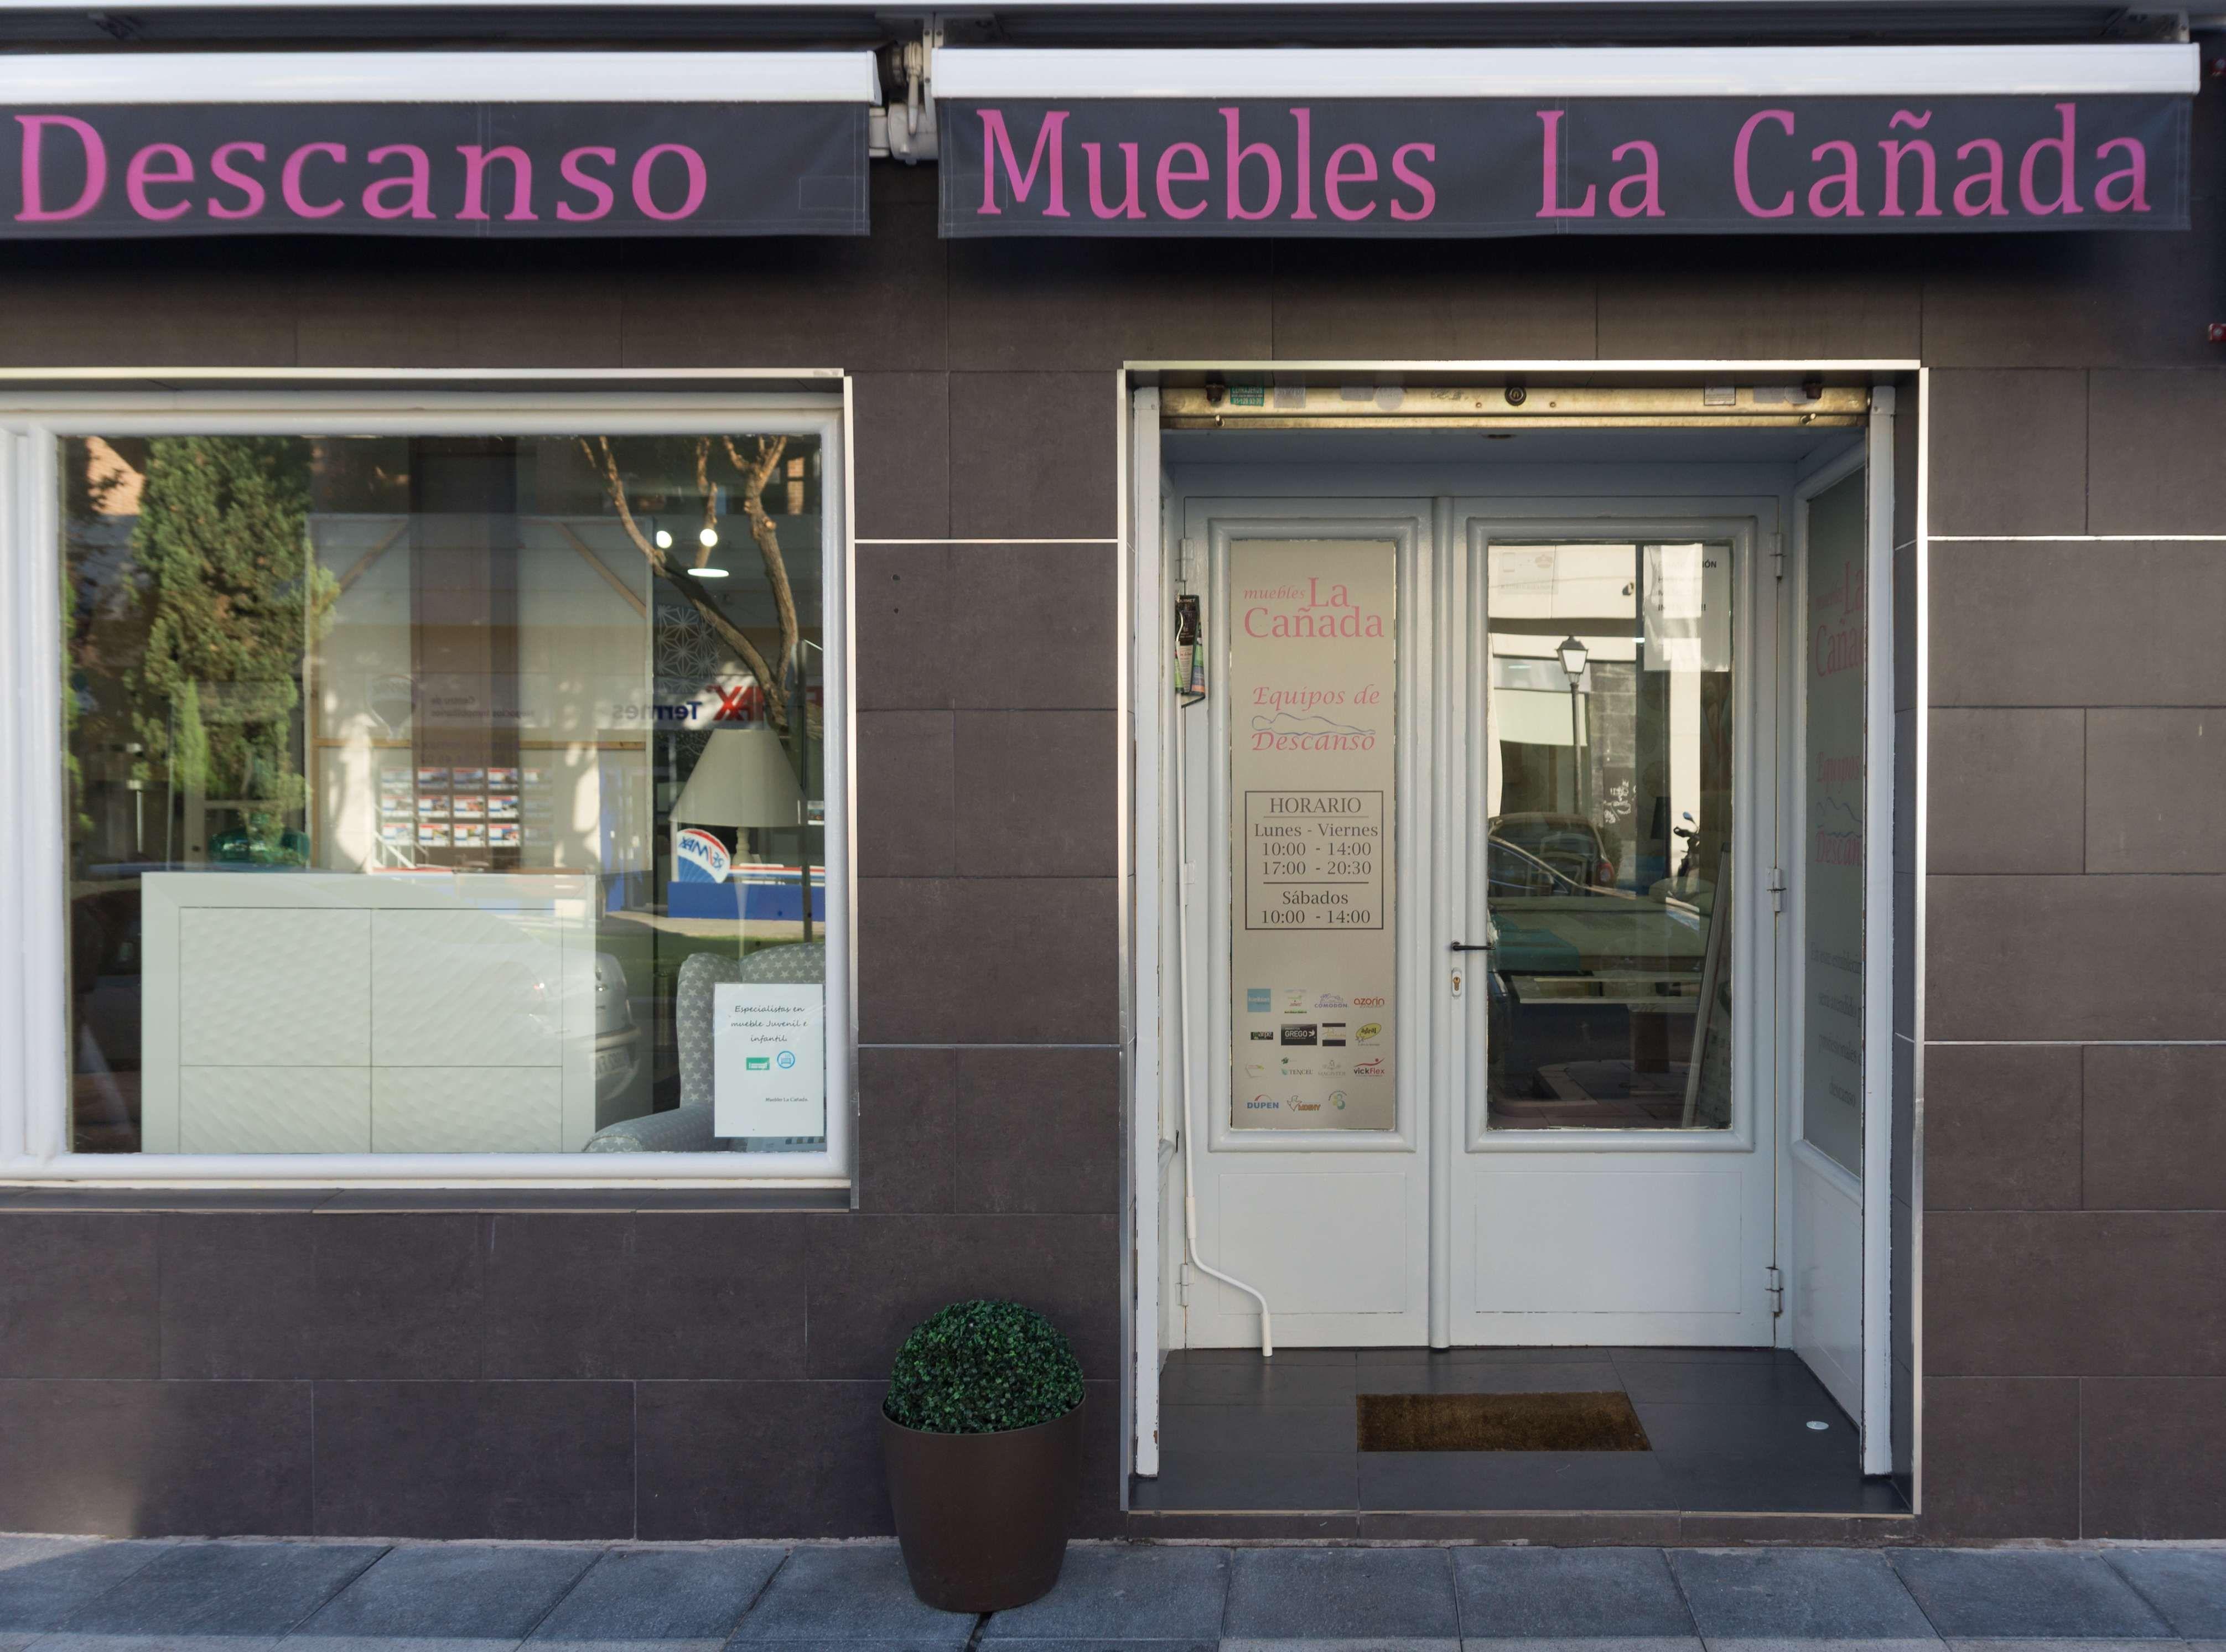 Foto 31 de Especialistas en descanso en Villanueva de la Cañada   Muebles La Cañada